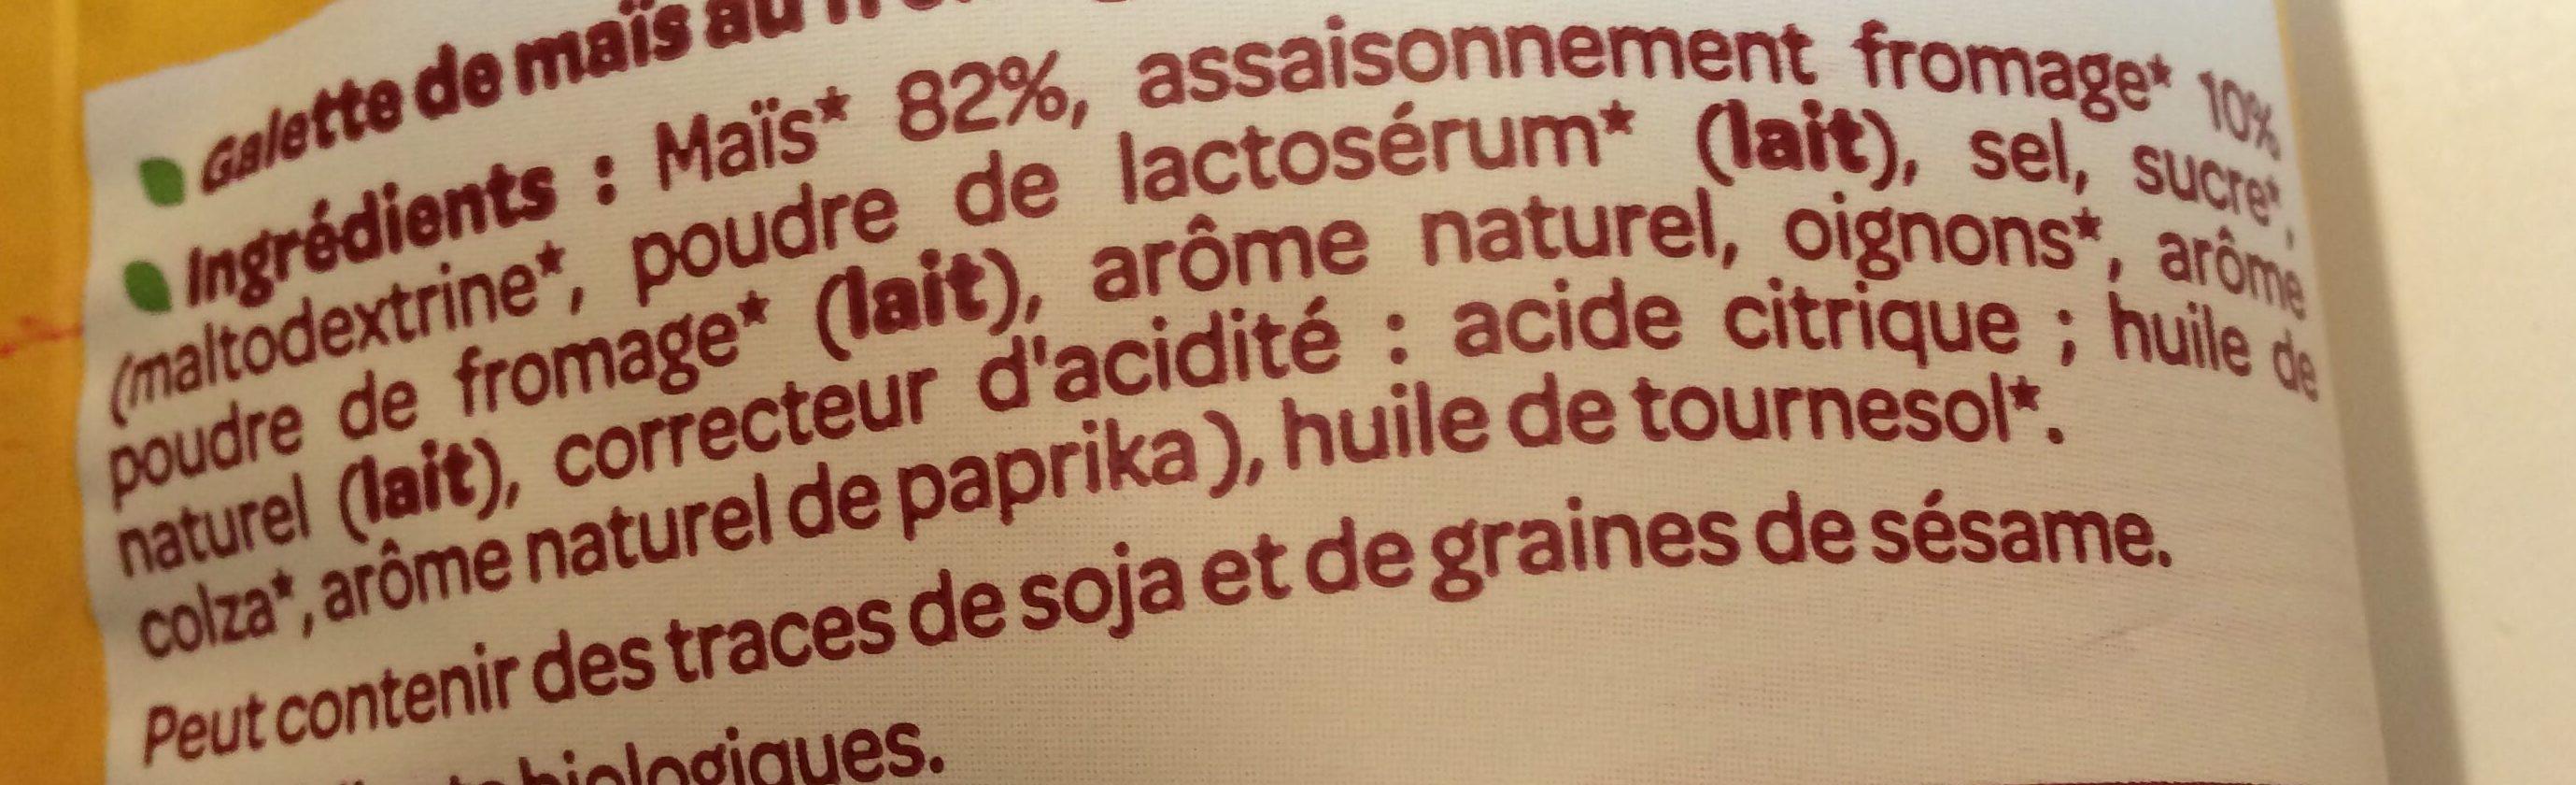 Maïs soufflés Sans Gluten et Bio Minis Fromage - Ingrédients - fr